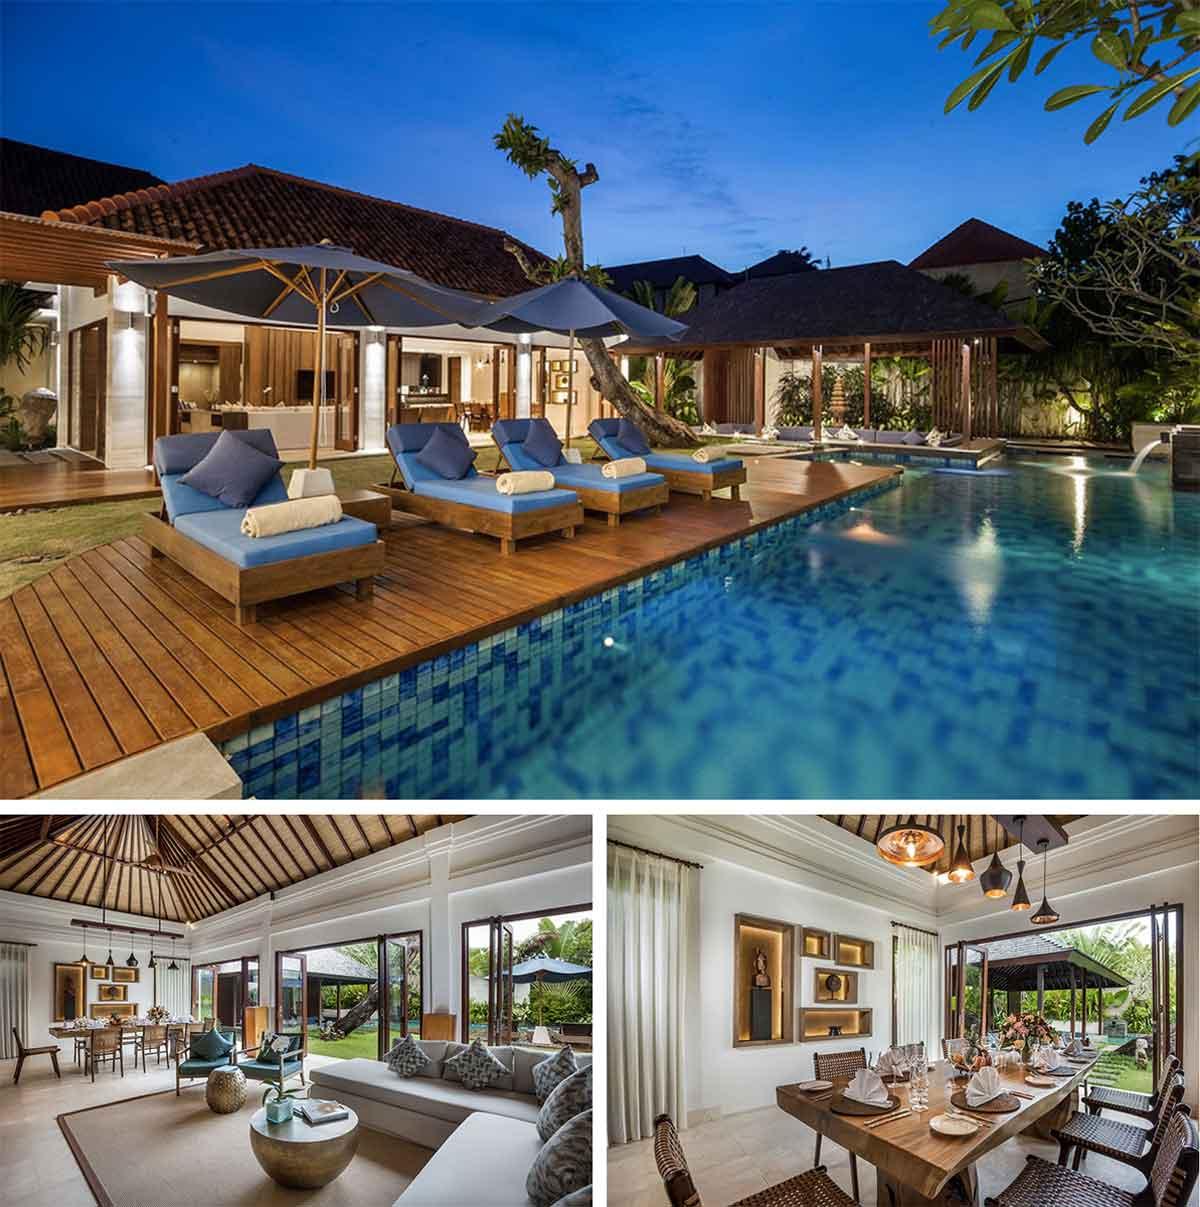 10 Rumah Mewah Ala Crazy Rich Asian Versi Indonesia